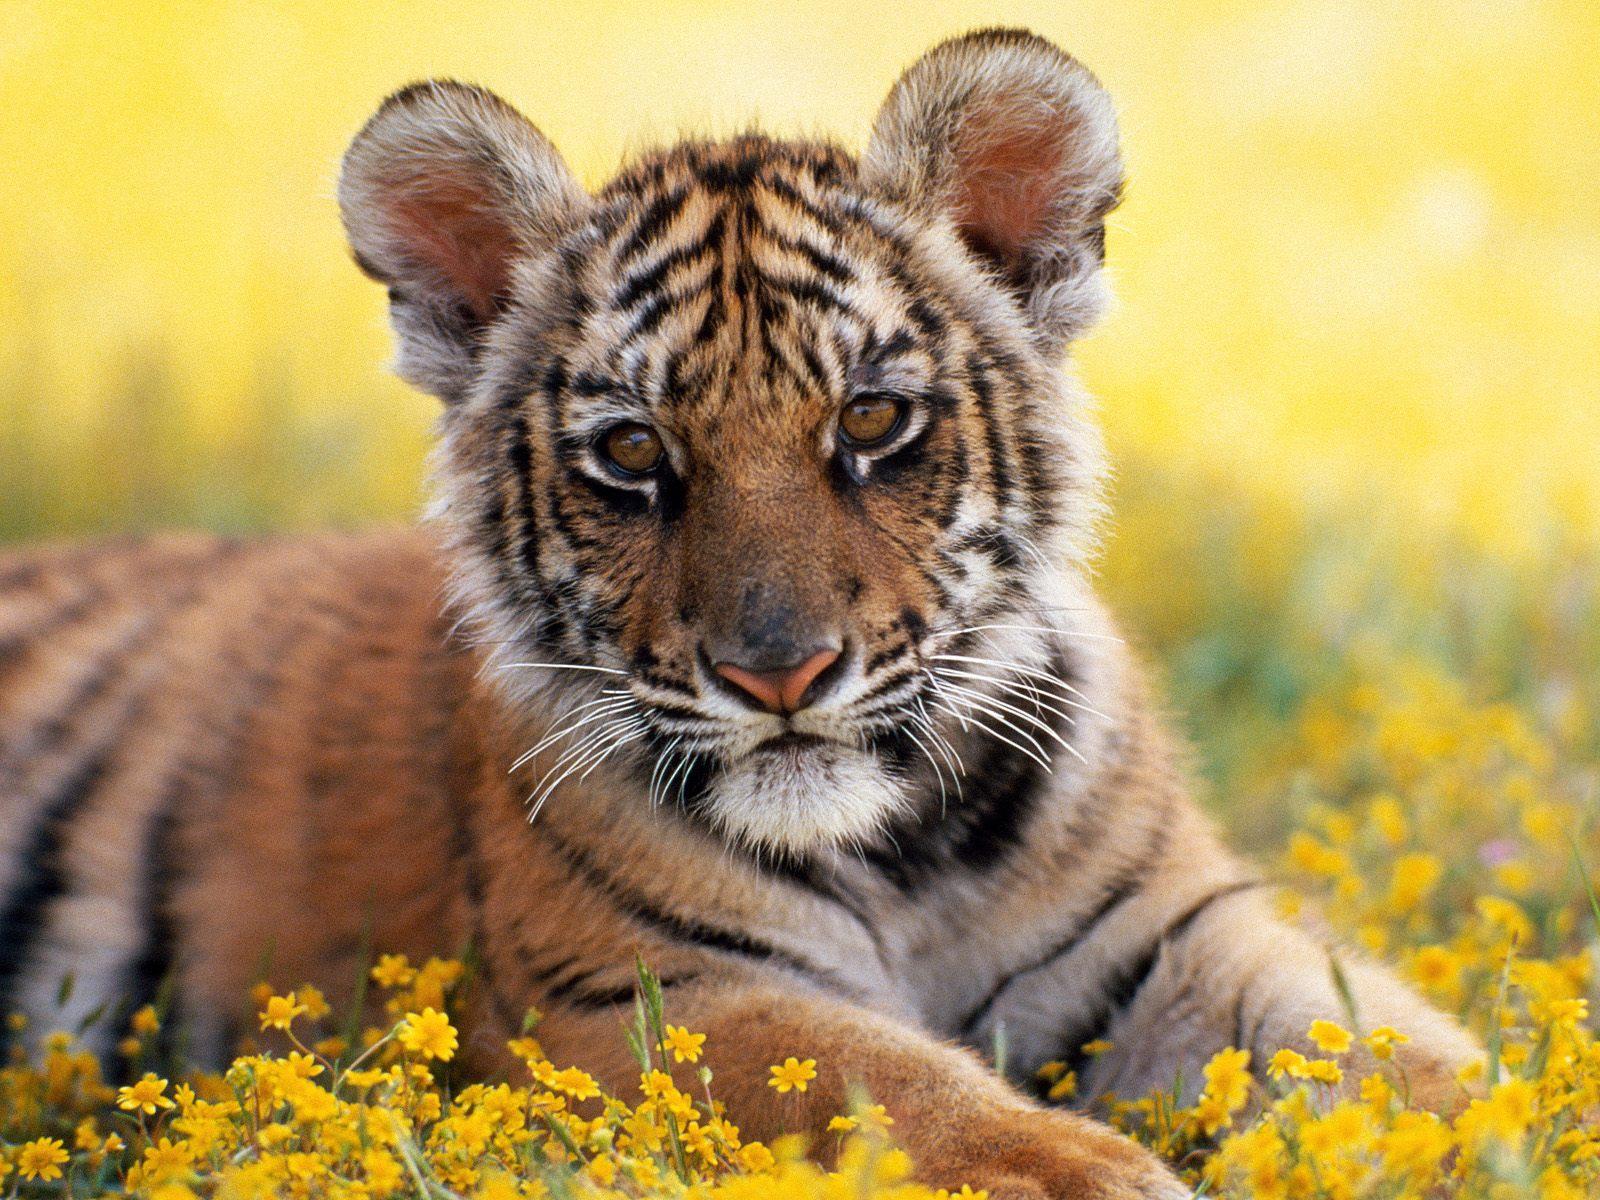 baby tiger best animals. Black Bedroom Furniture Sets. Home Design Ideas